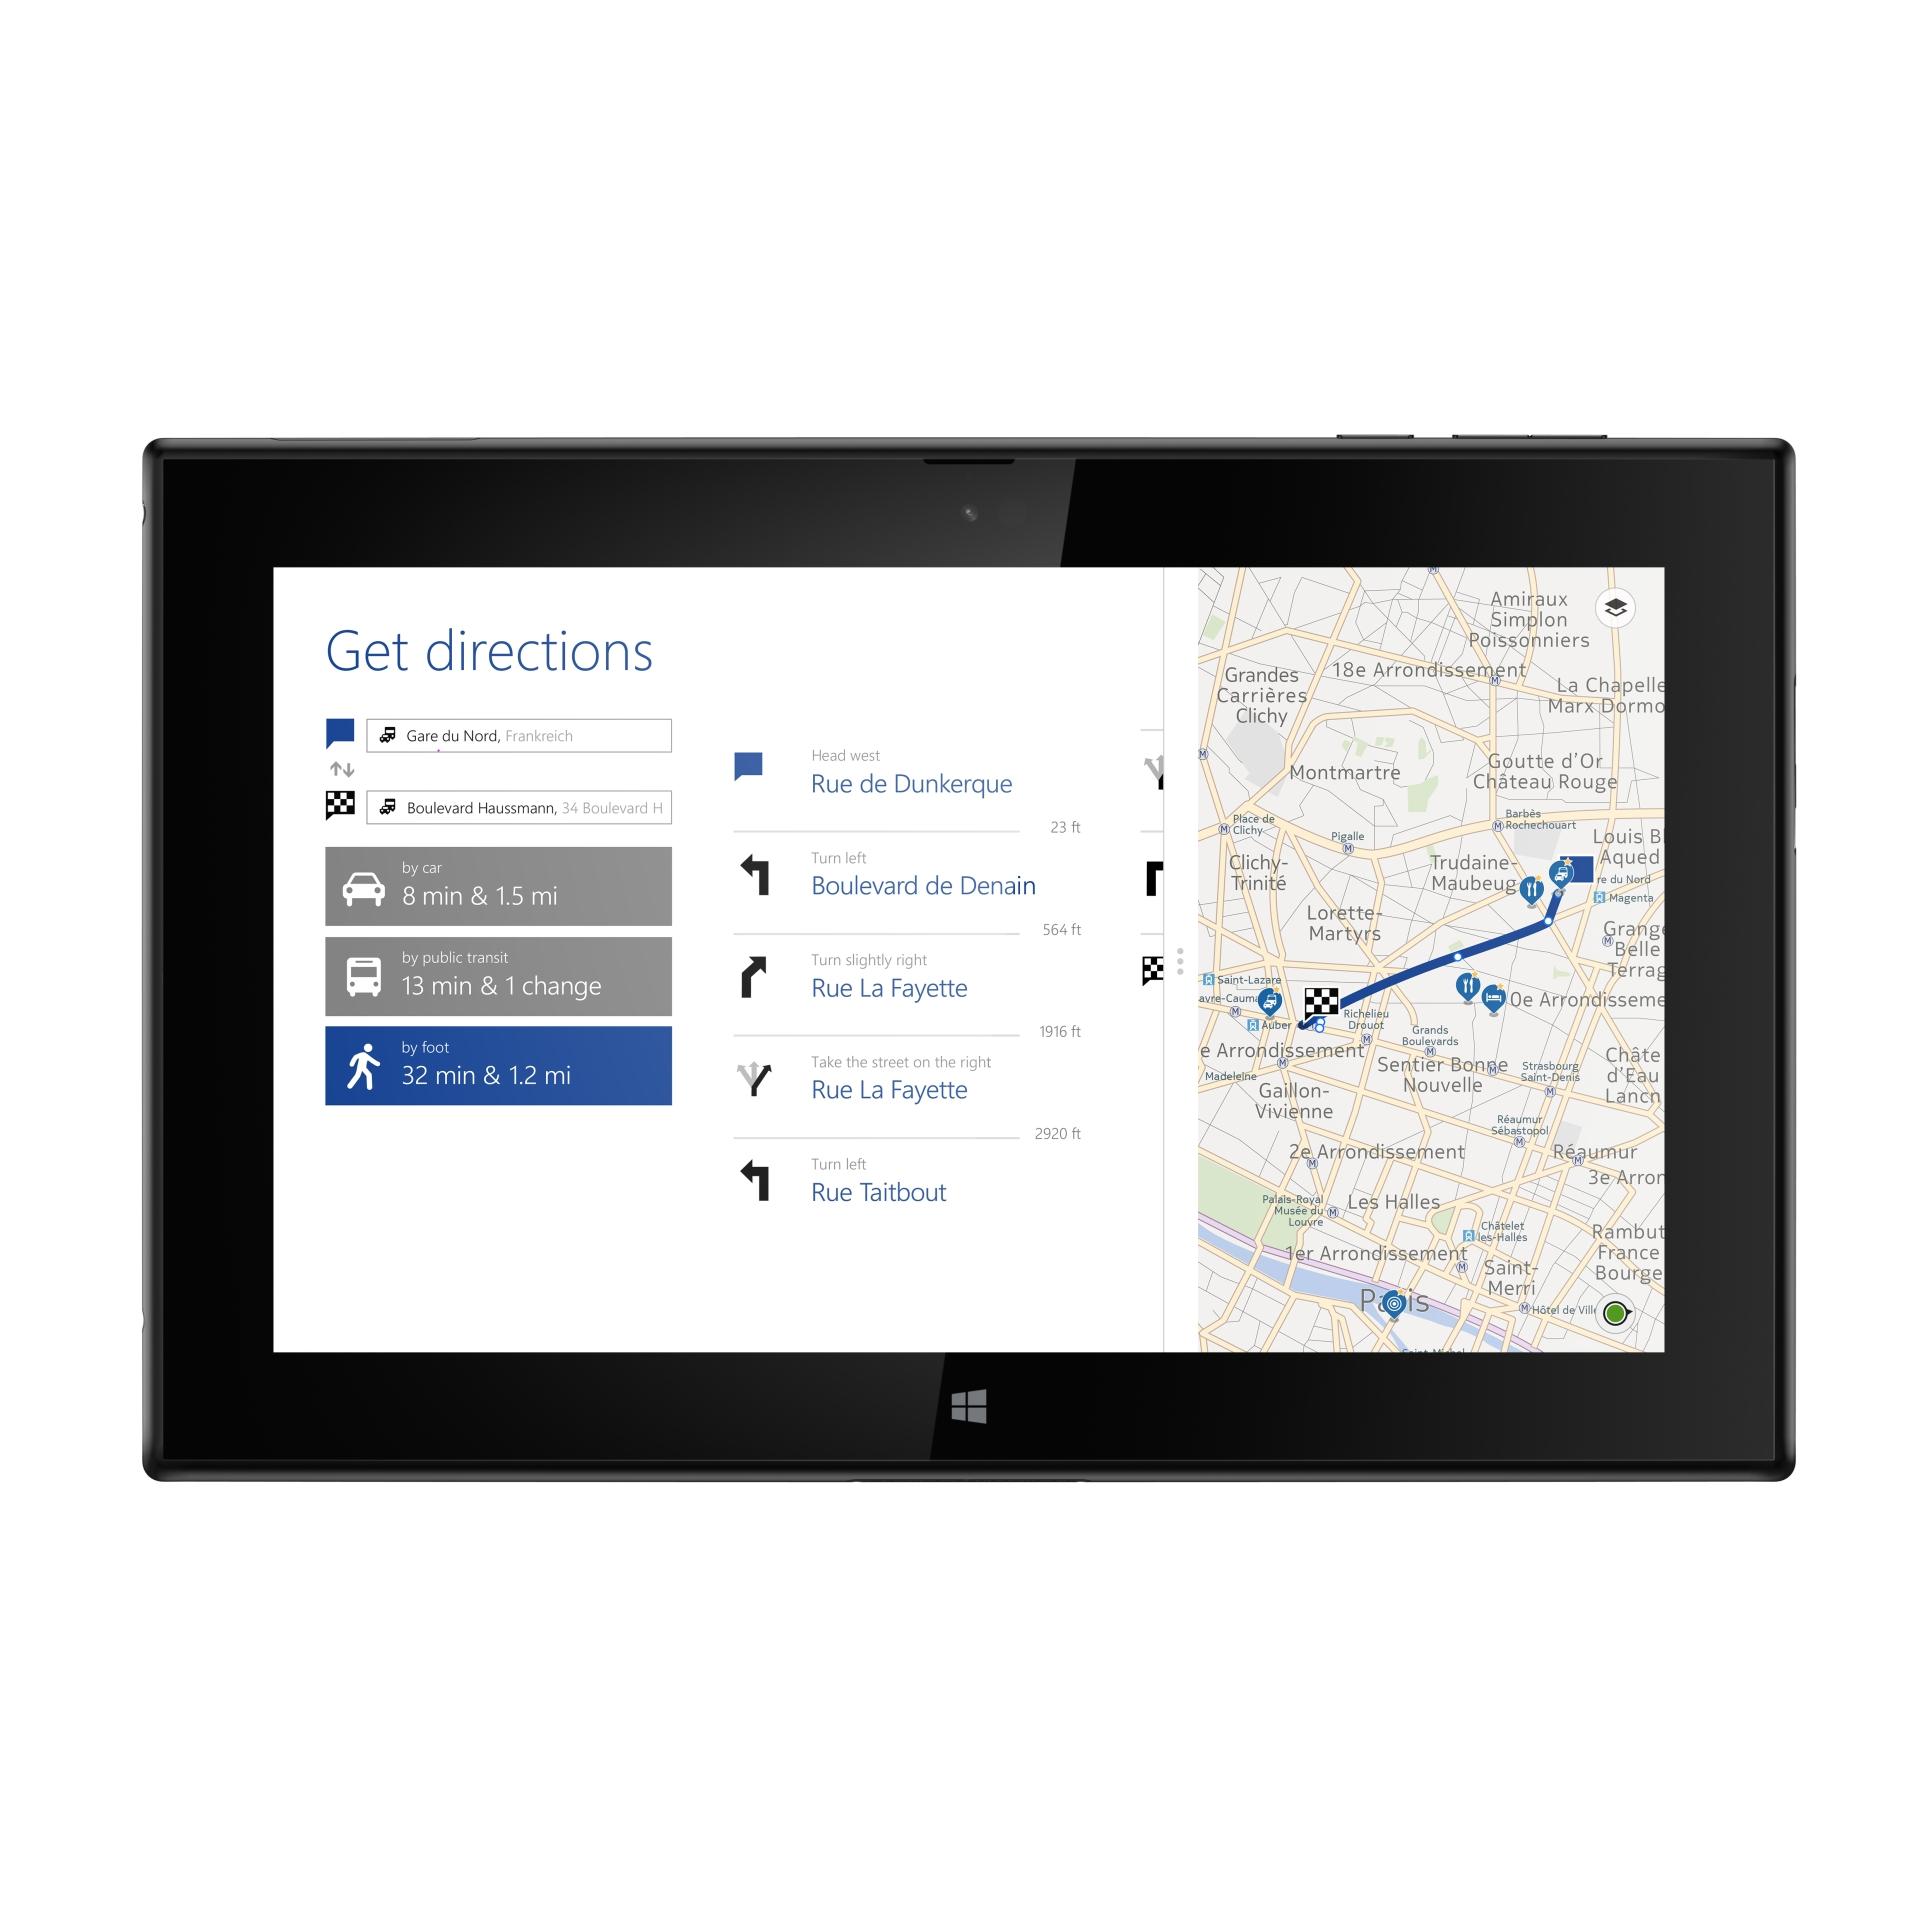 Lumia 2520: Nokias erstes Tablet kommt mit Snapdragon 800 und LTE - Auch bereits bekannte Apps wie Here Maps findet der Nutzer auf dem Lumia 2520. (Bild: Nokia)